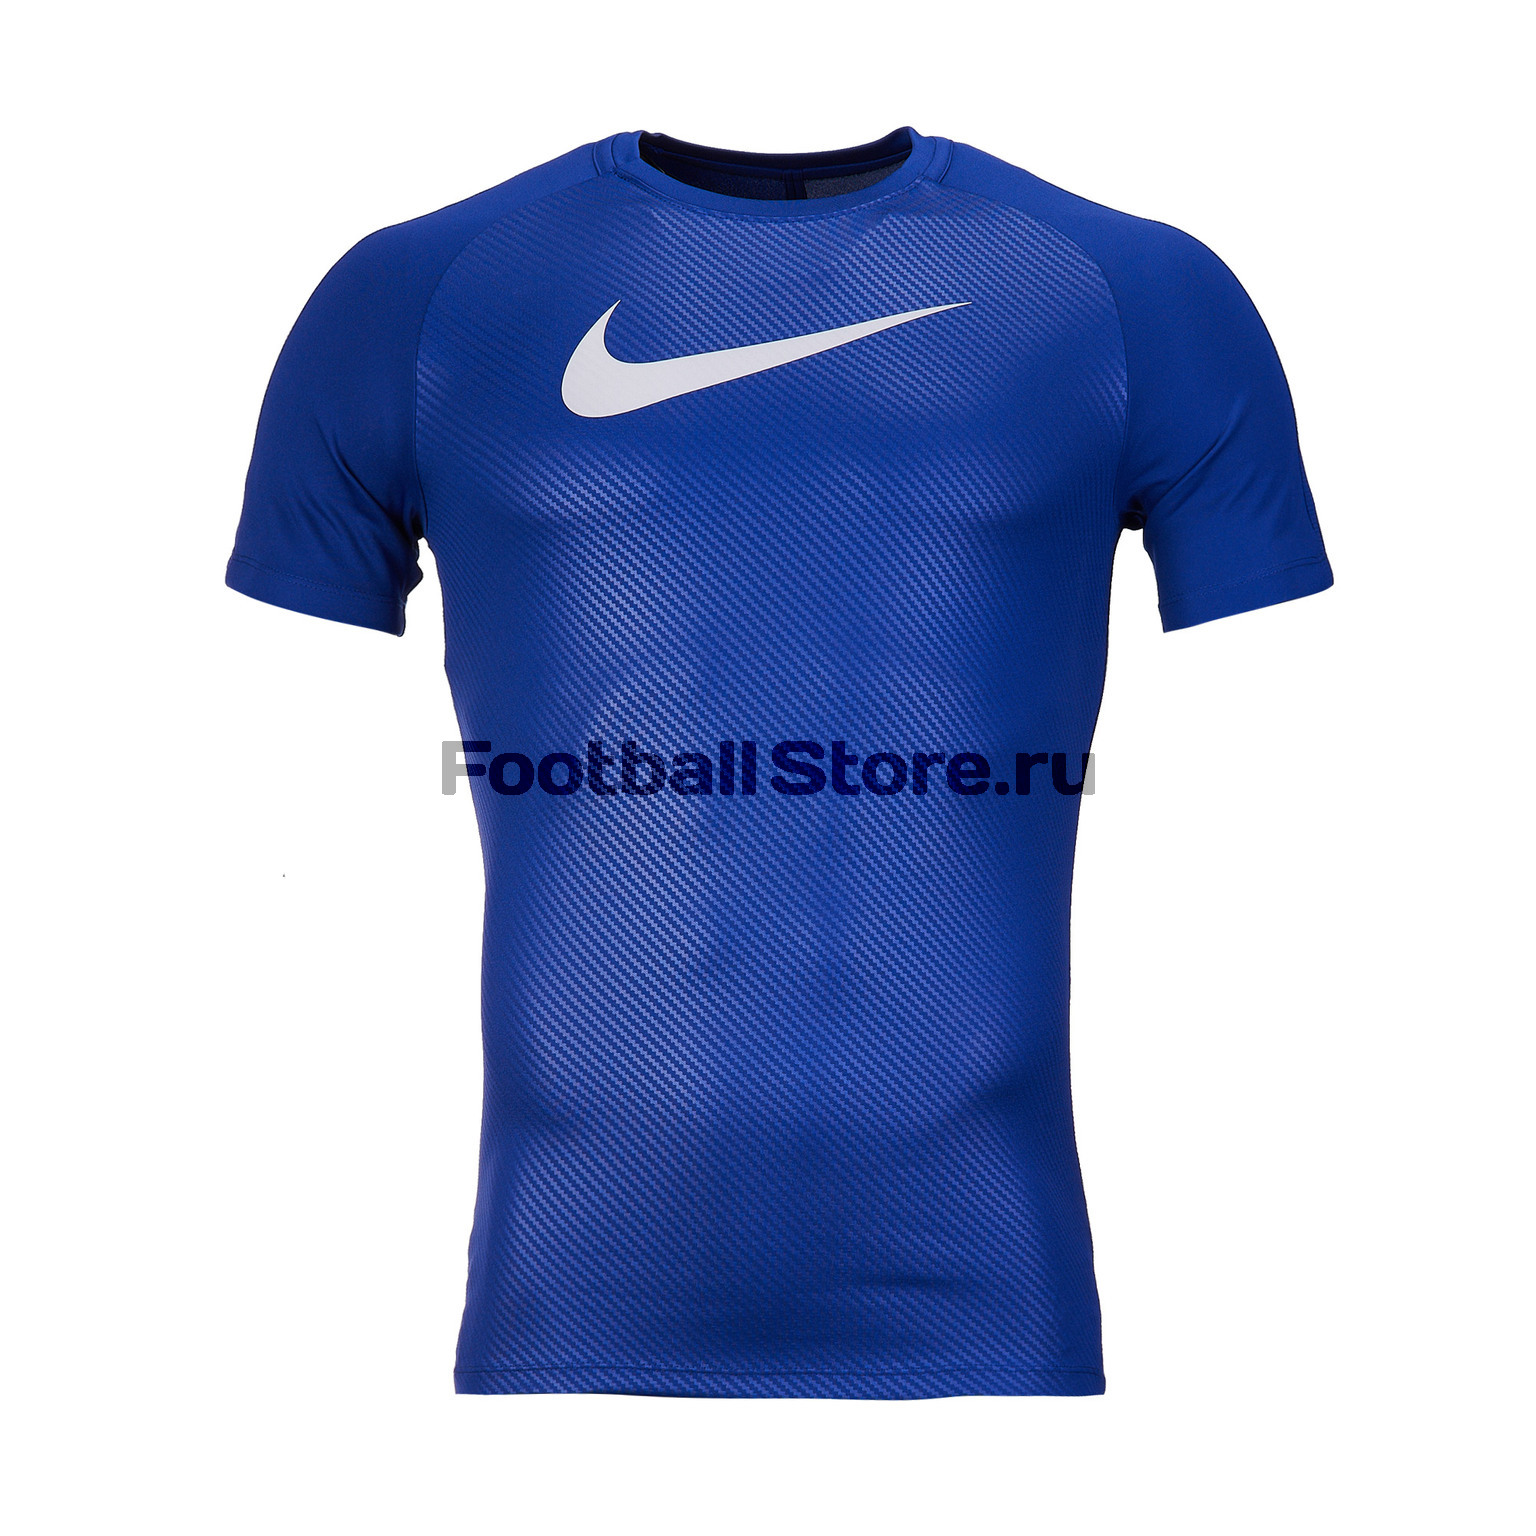 Футболка тренировочная Nike Dry Academy AJ4227-455 цена